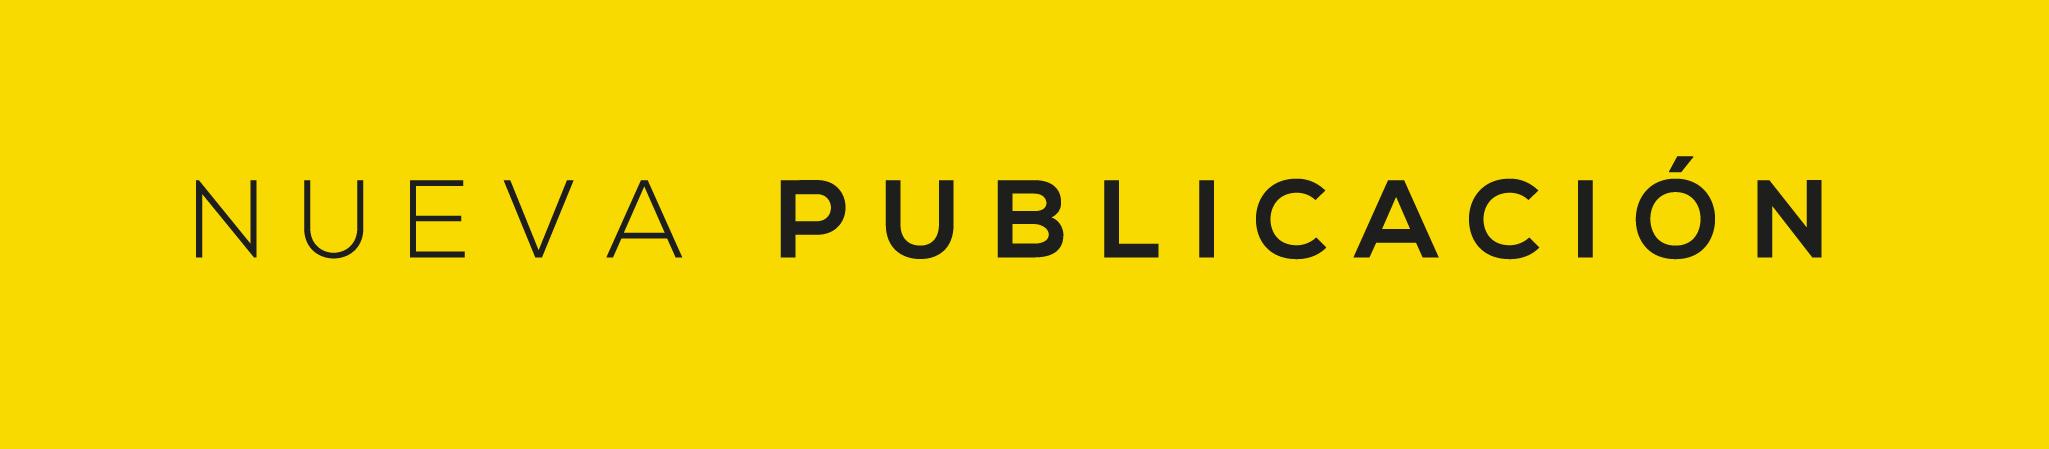 nueva-publicacion.png